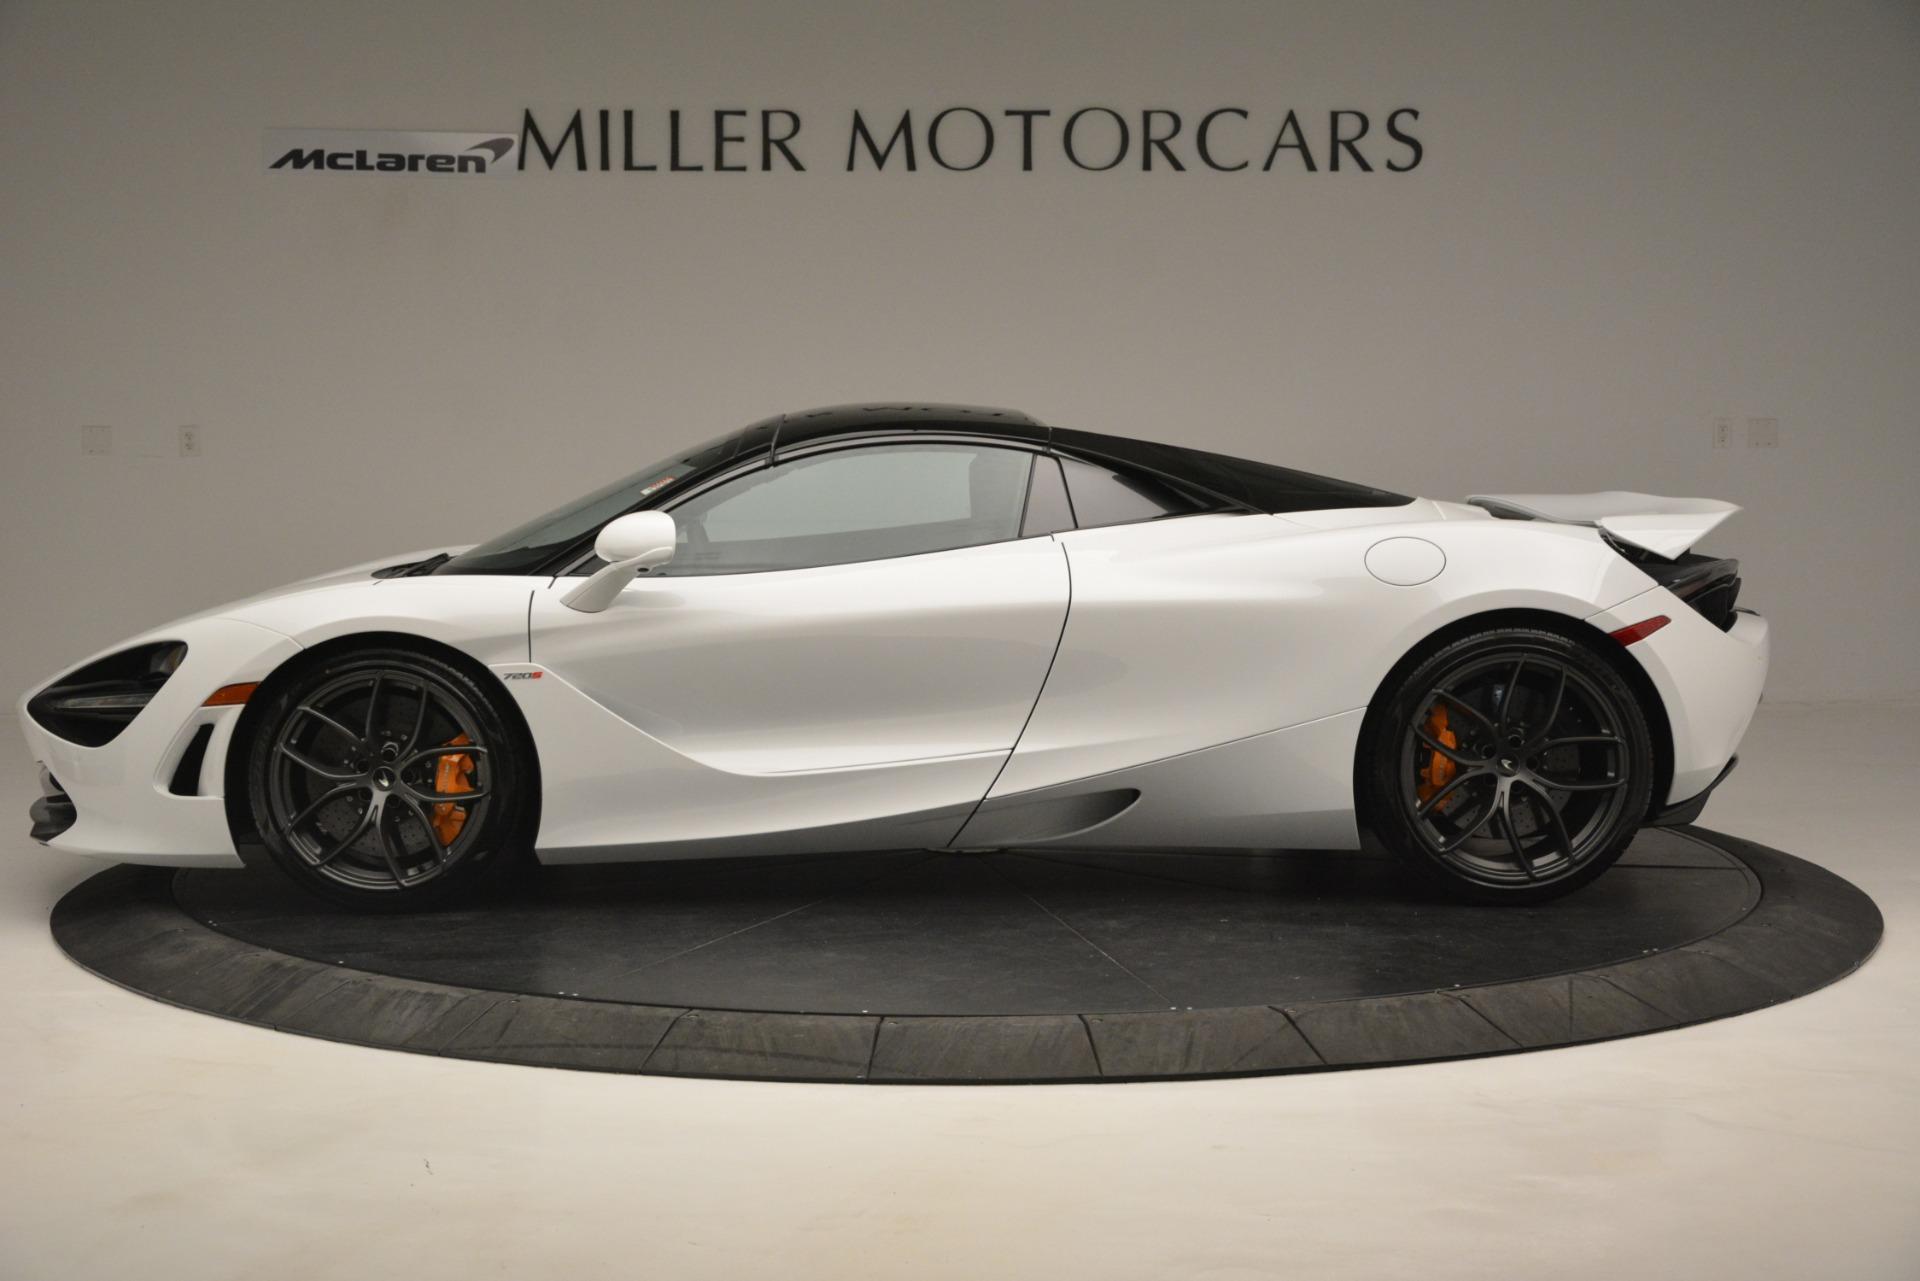 New 2020 McLaren 720S Spider Convertible For Sale In Westport, CT 3229_p3